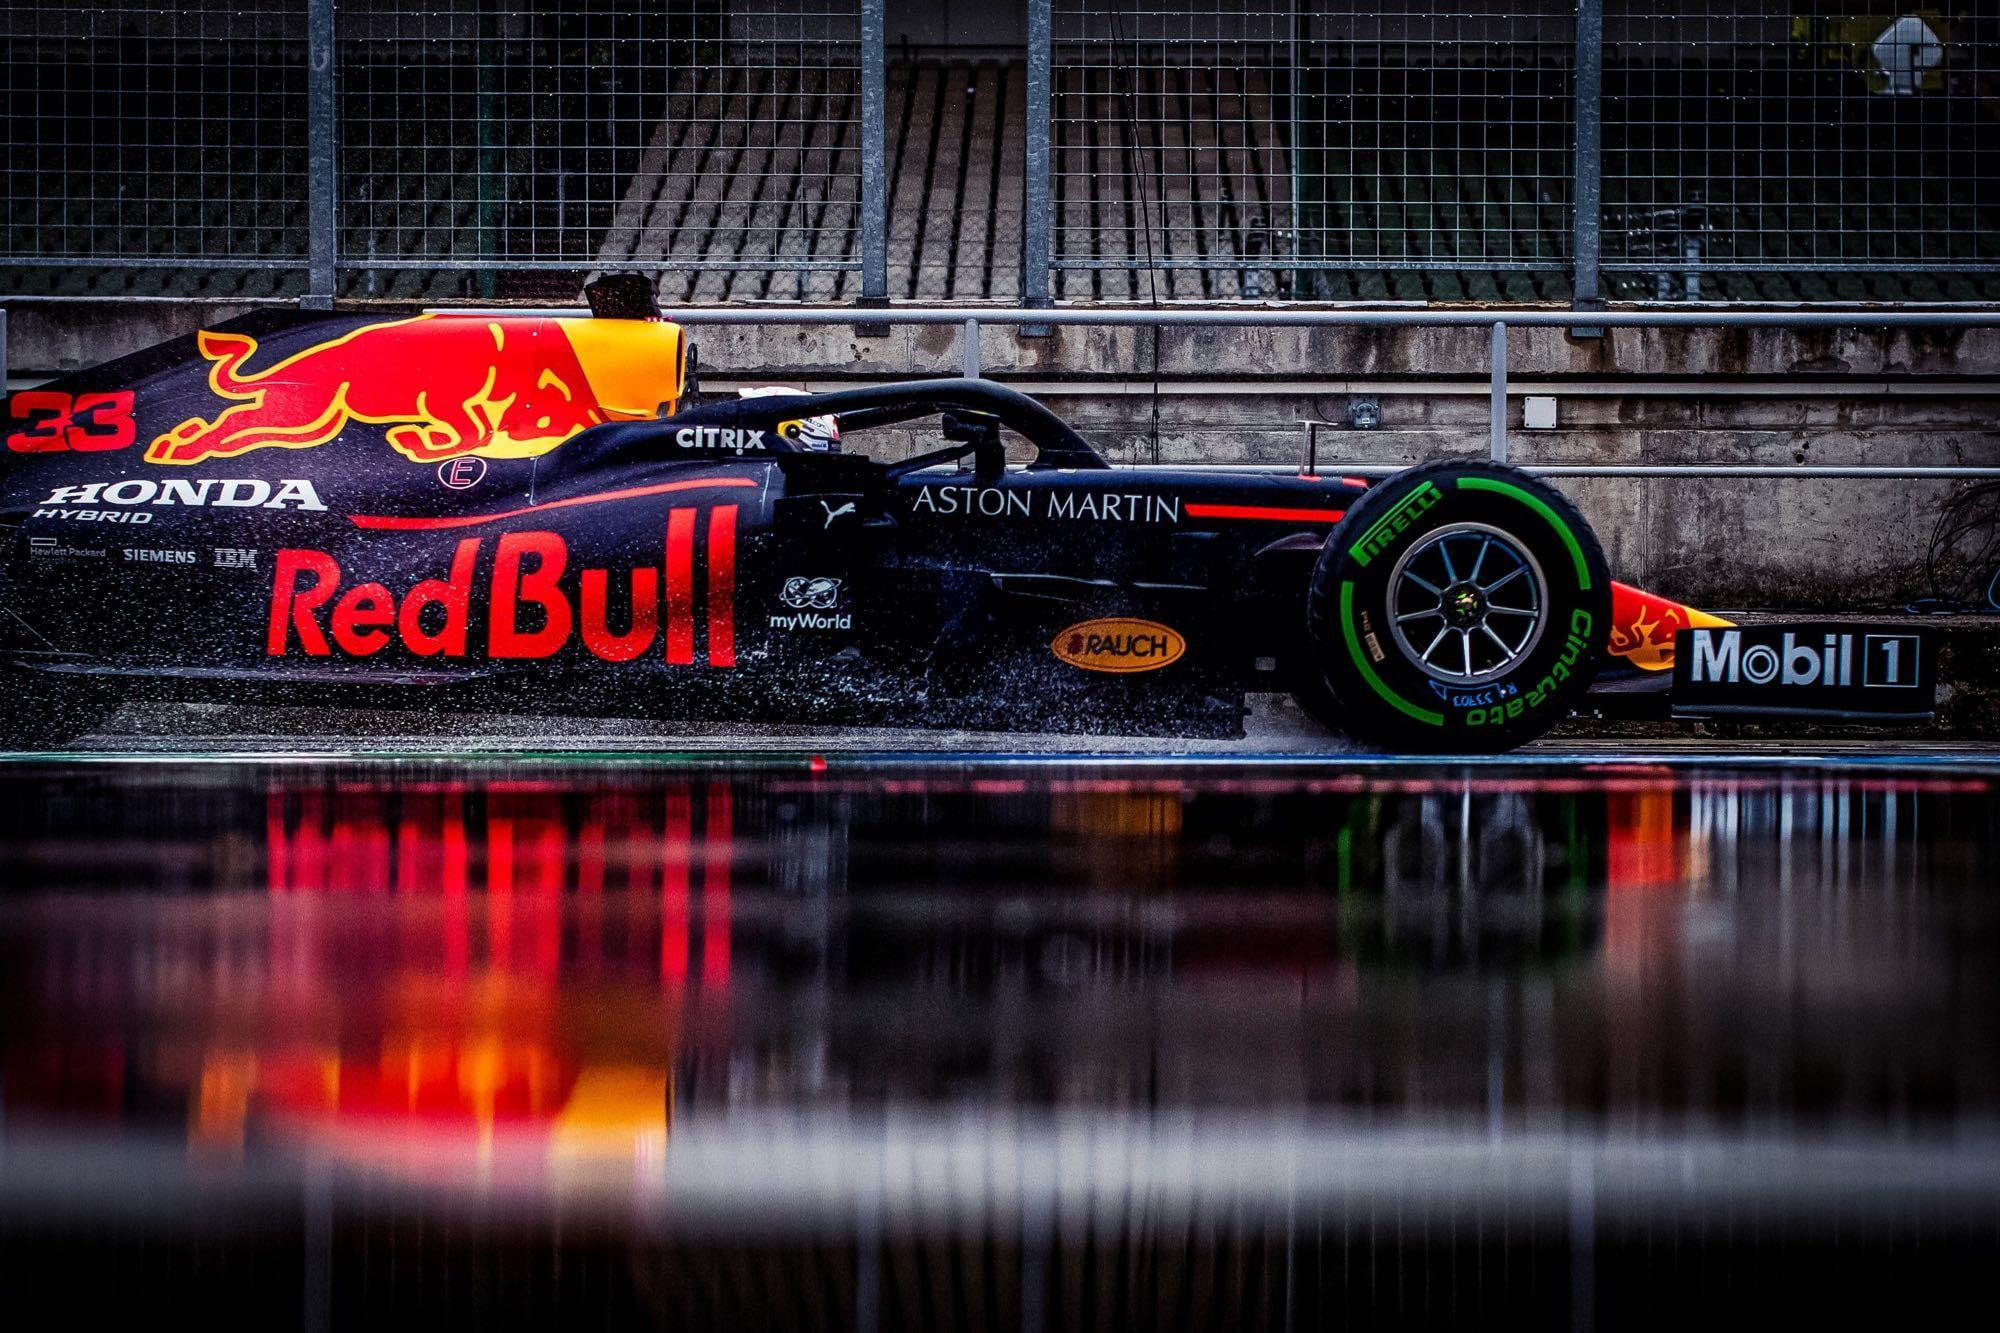 Red Bull Red Bull Racing Max Verstappen Aston Martin Honda MOBIL 2000x1333